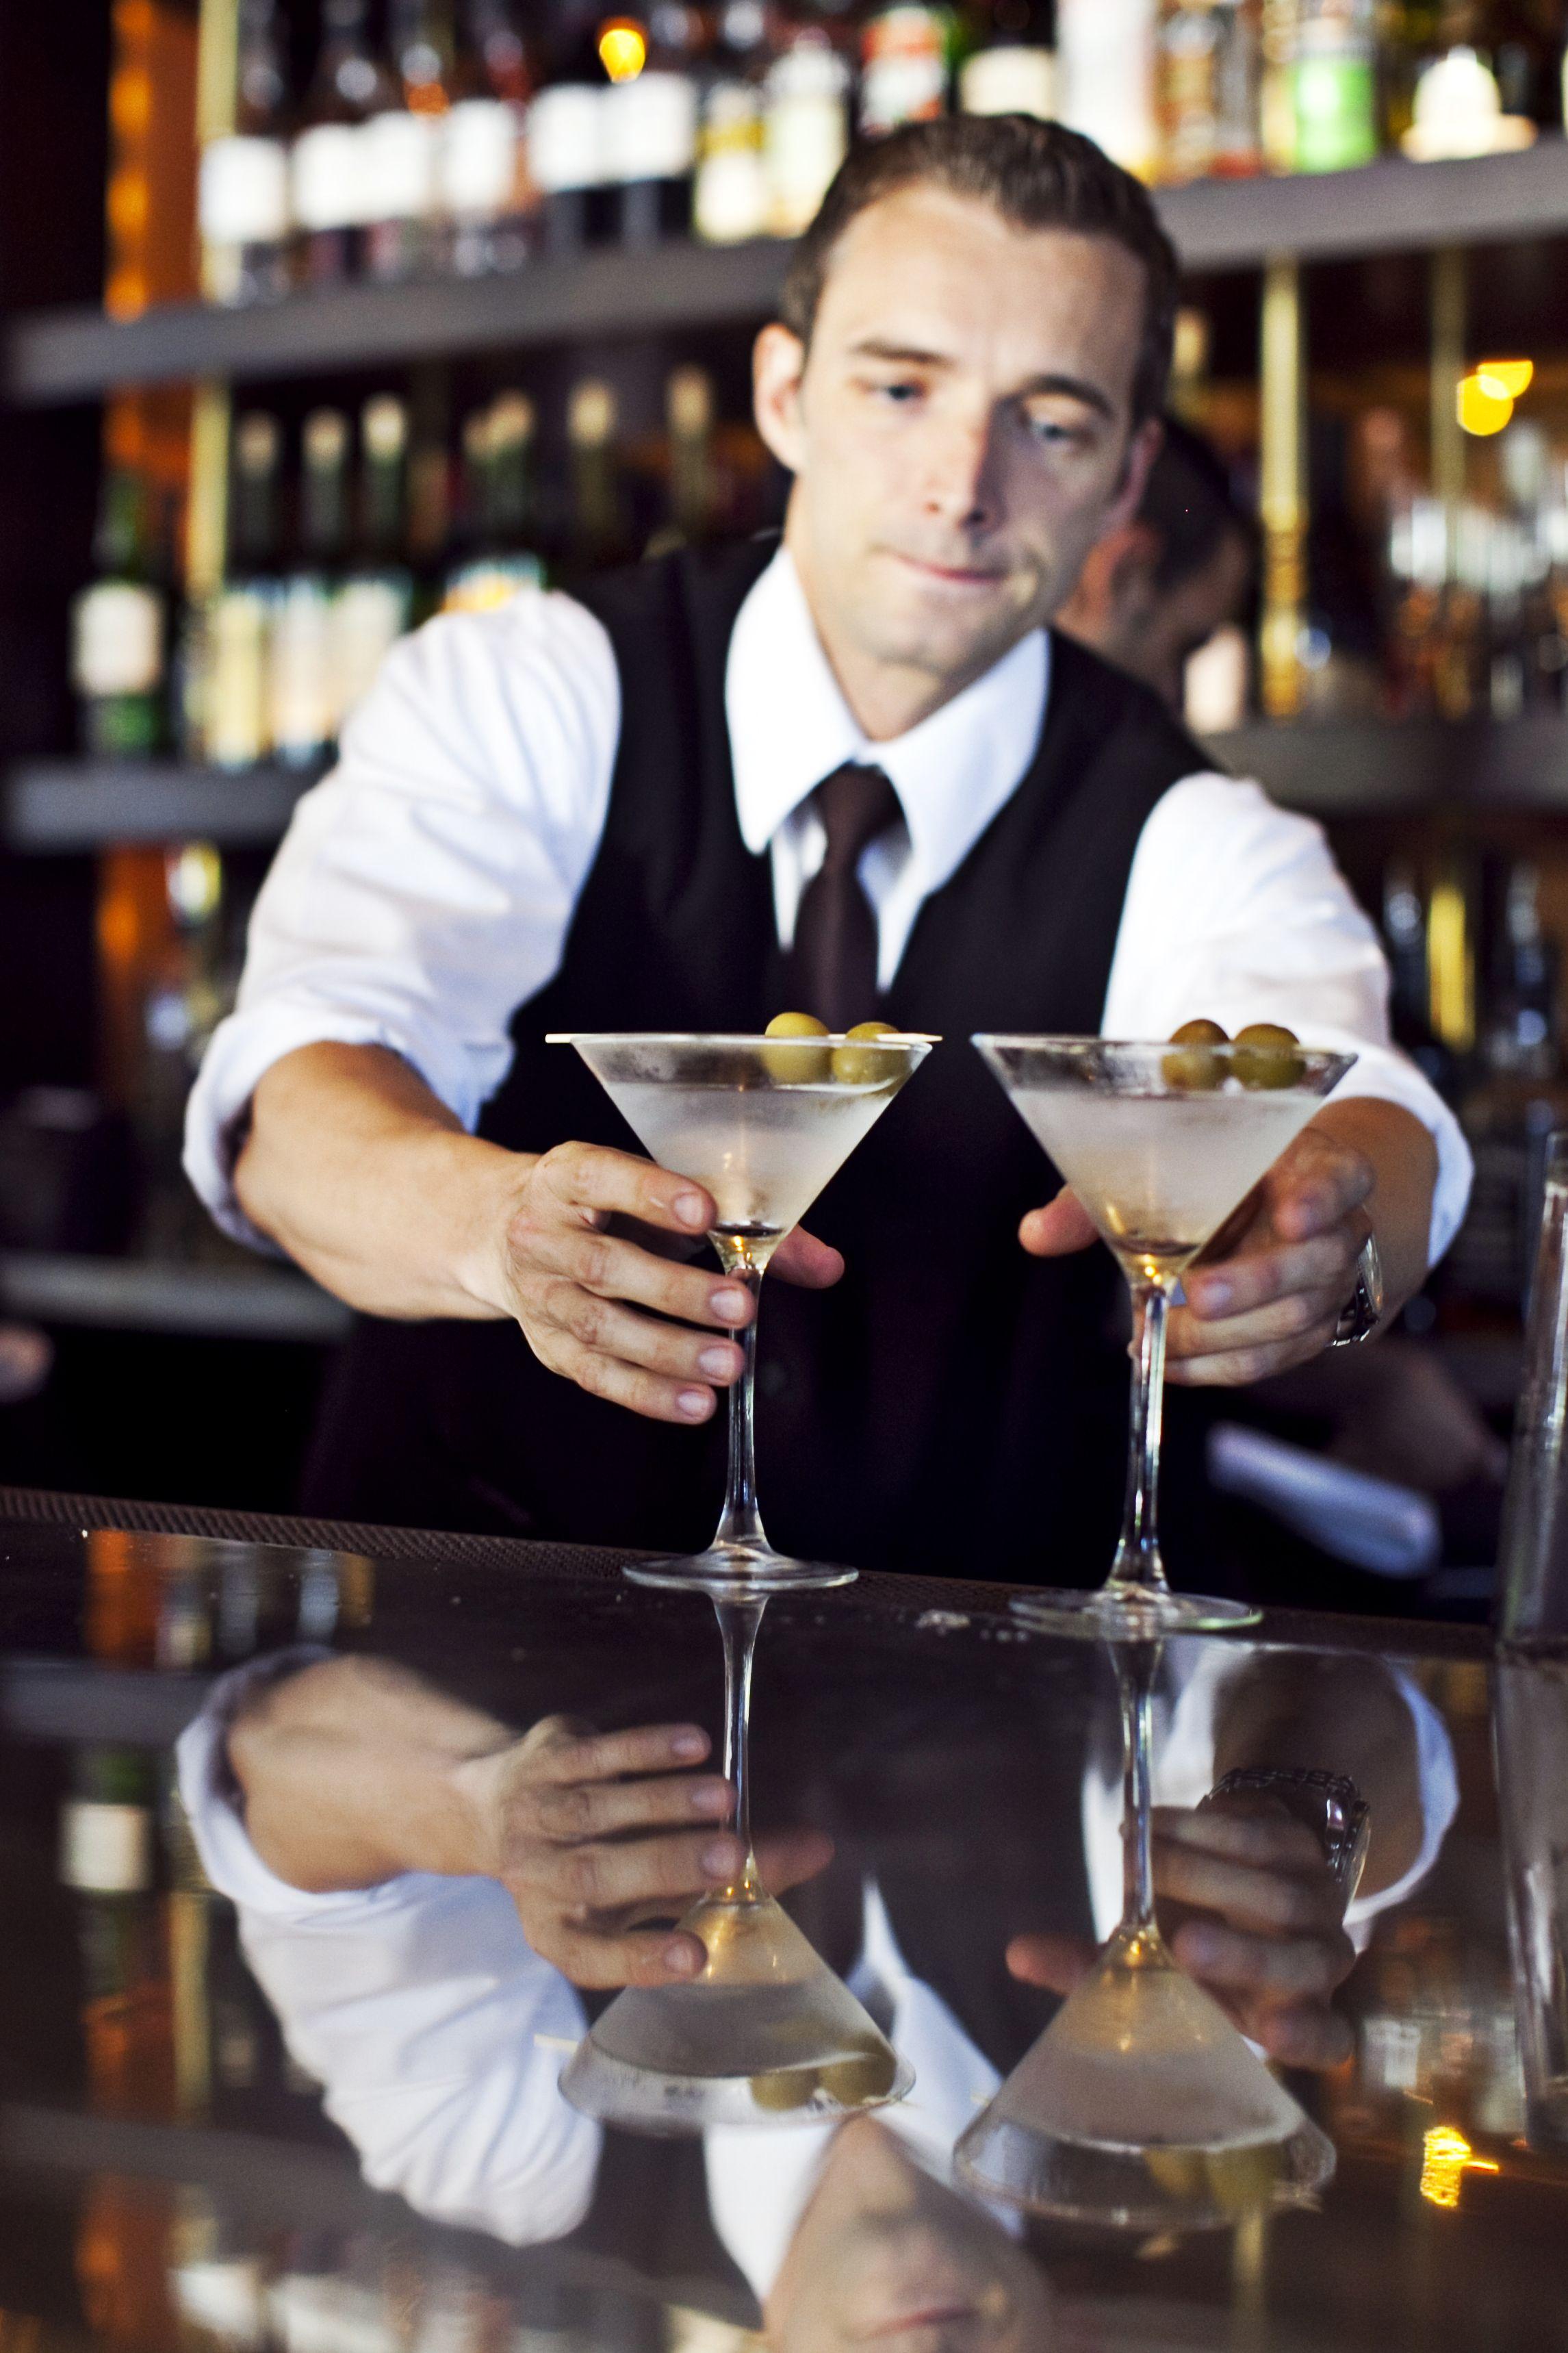 Bistro Niko Martinis Craft beer list, Bar design, Wine list